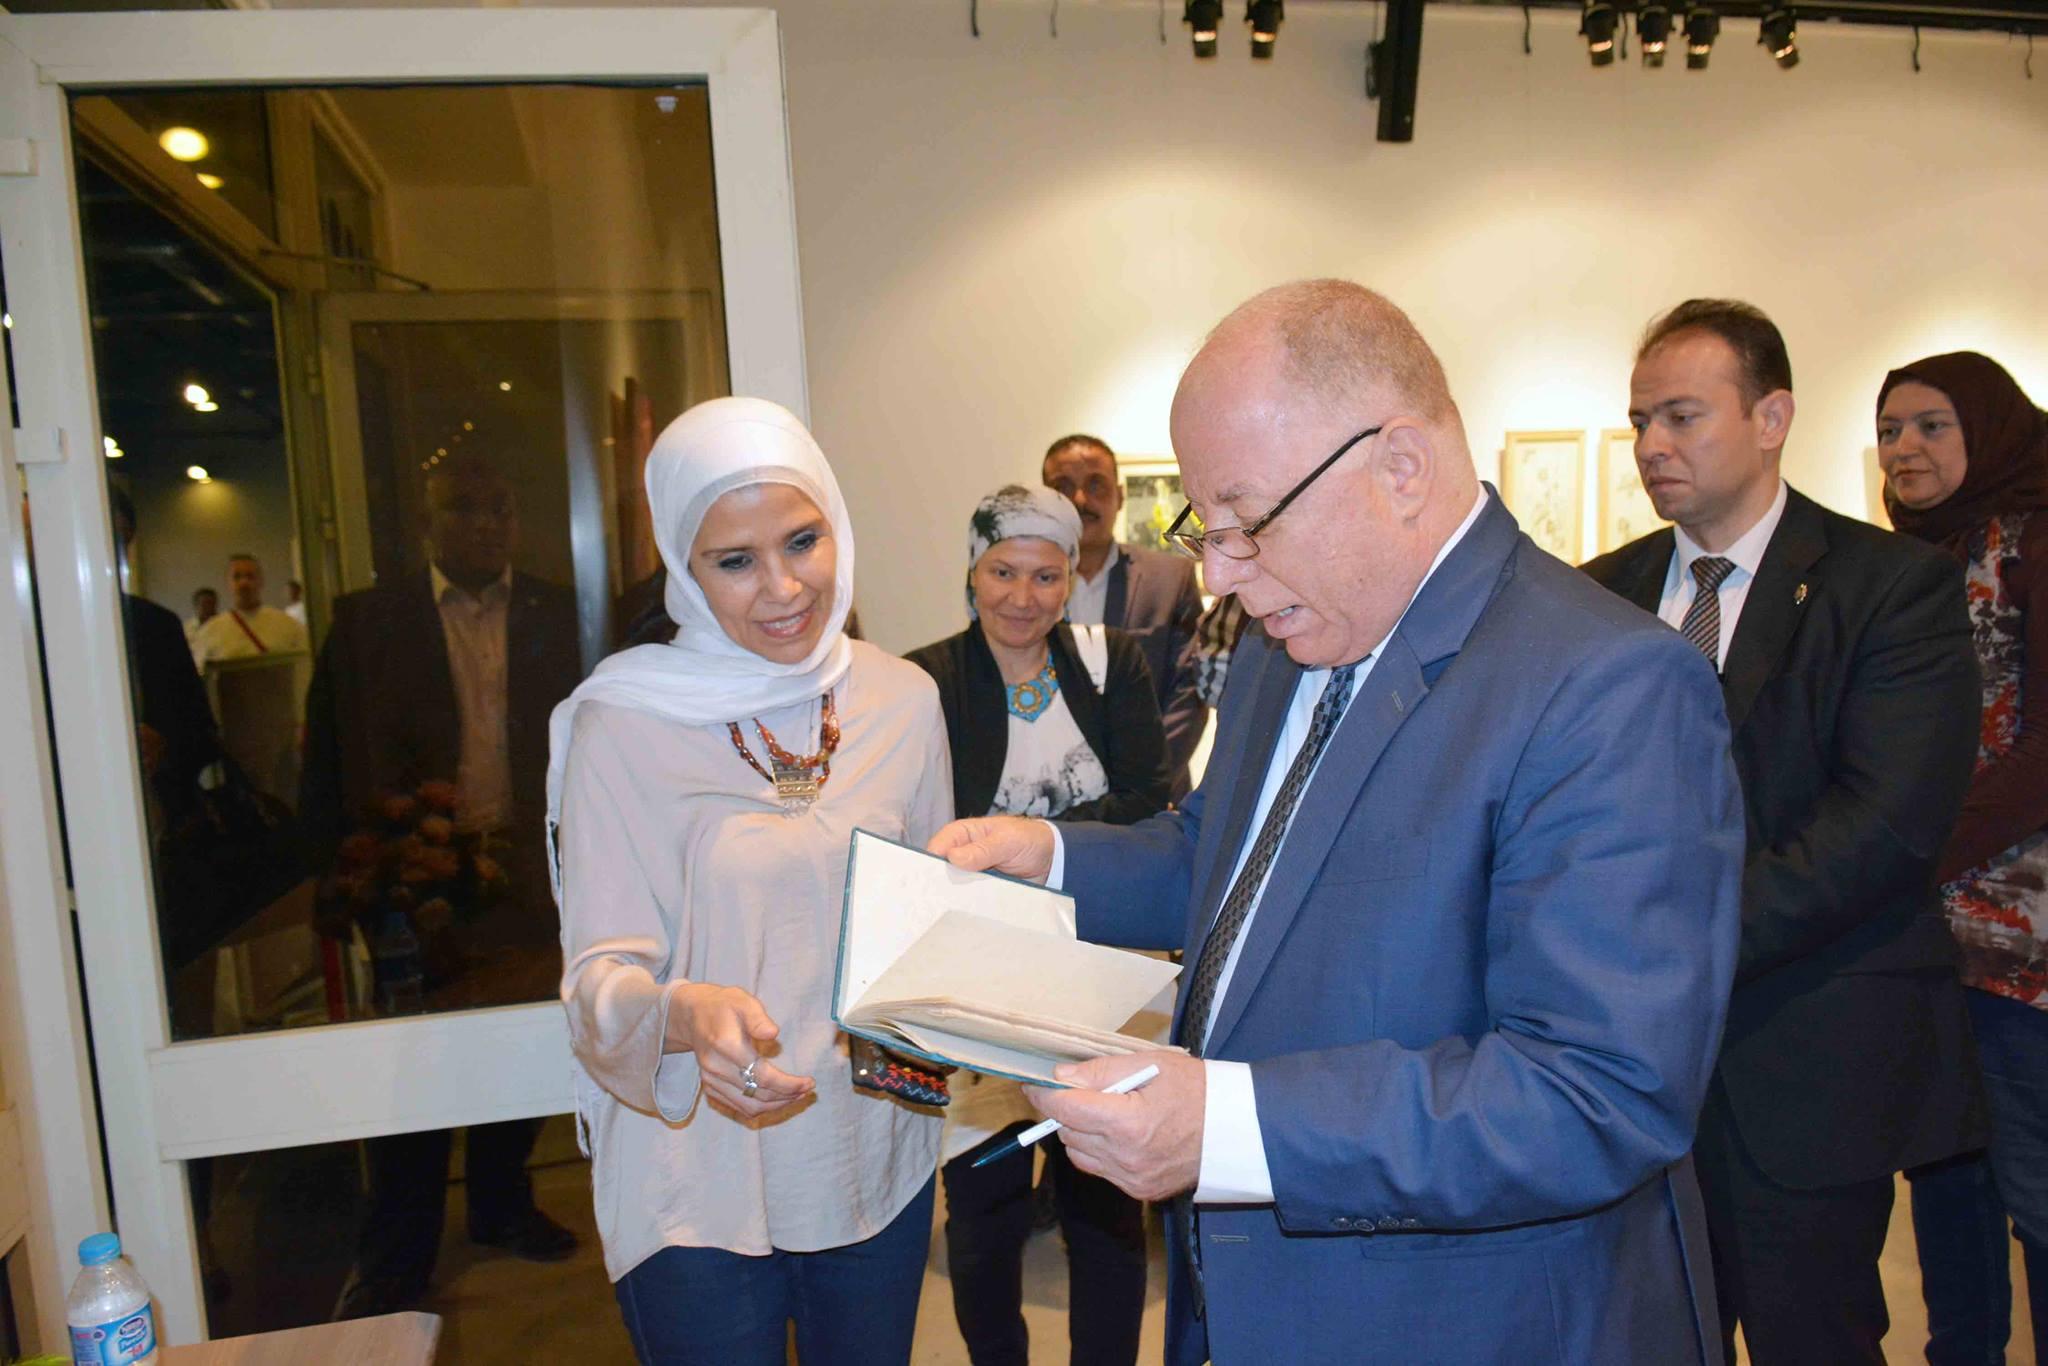 وزير الثقافة يتفقد معرض نجاة فاروق في الهناجر  (1)